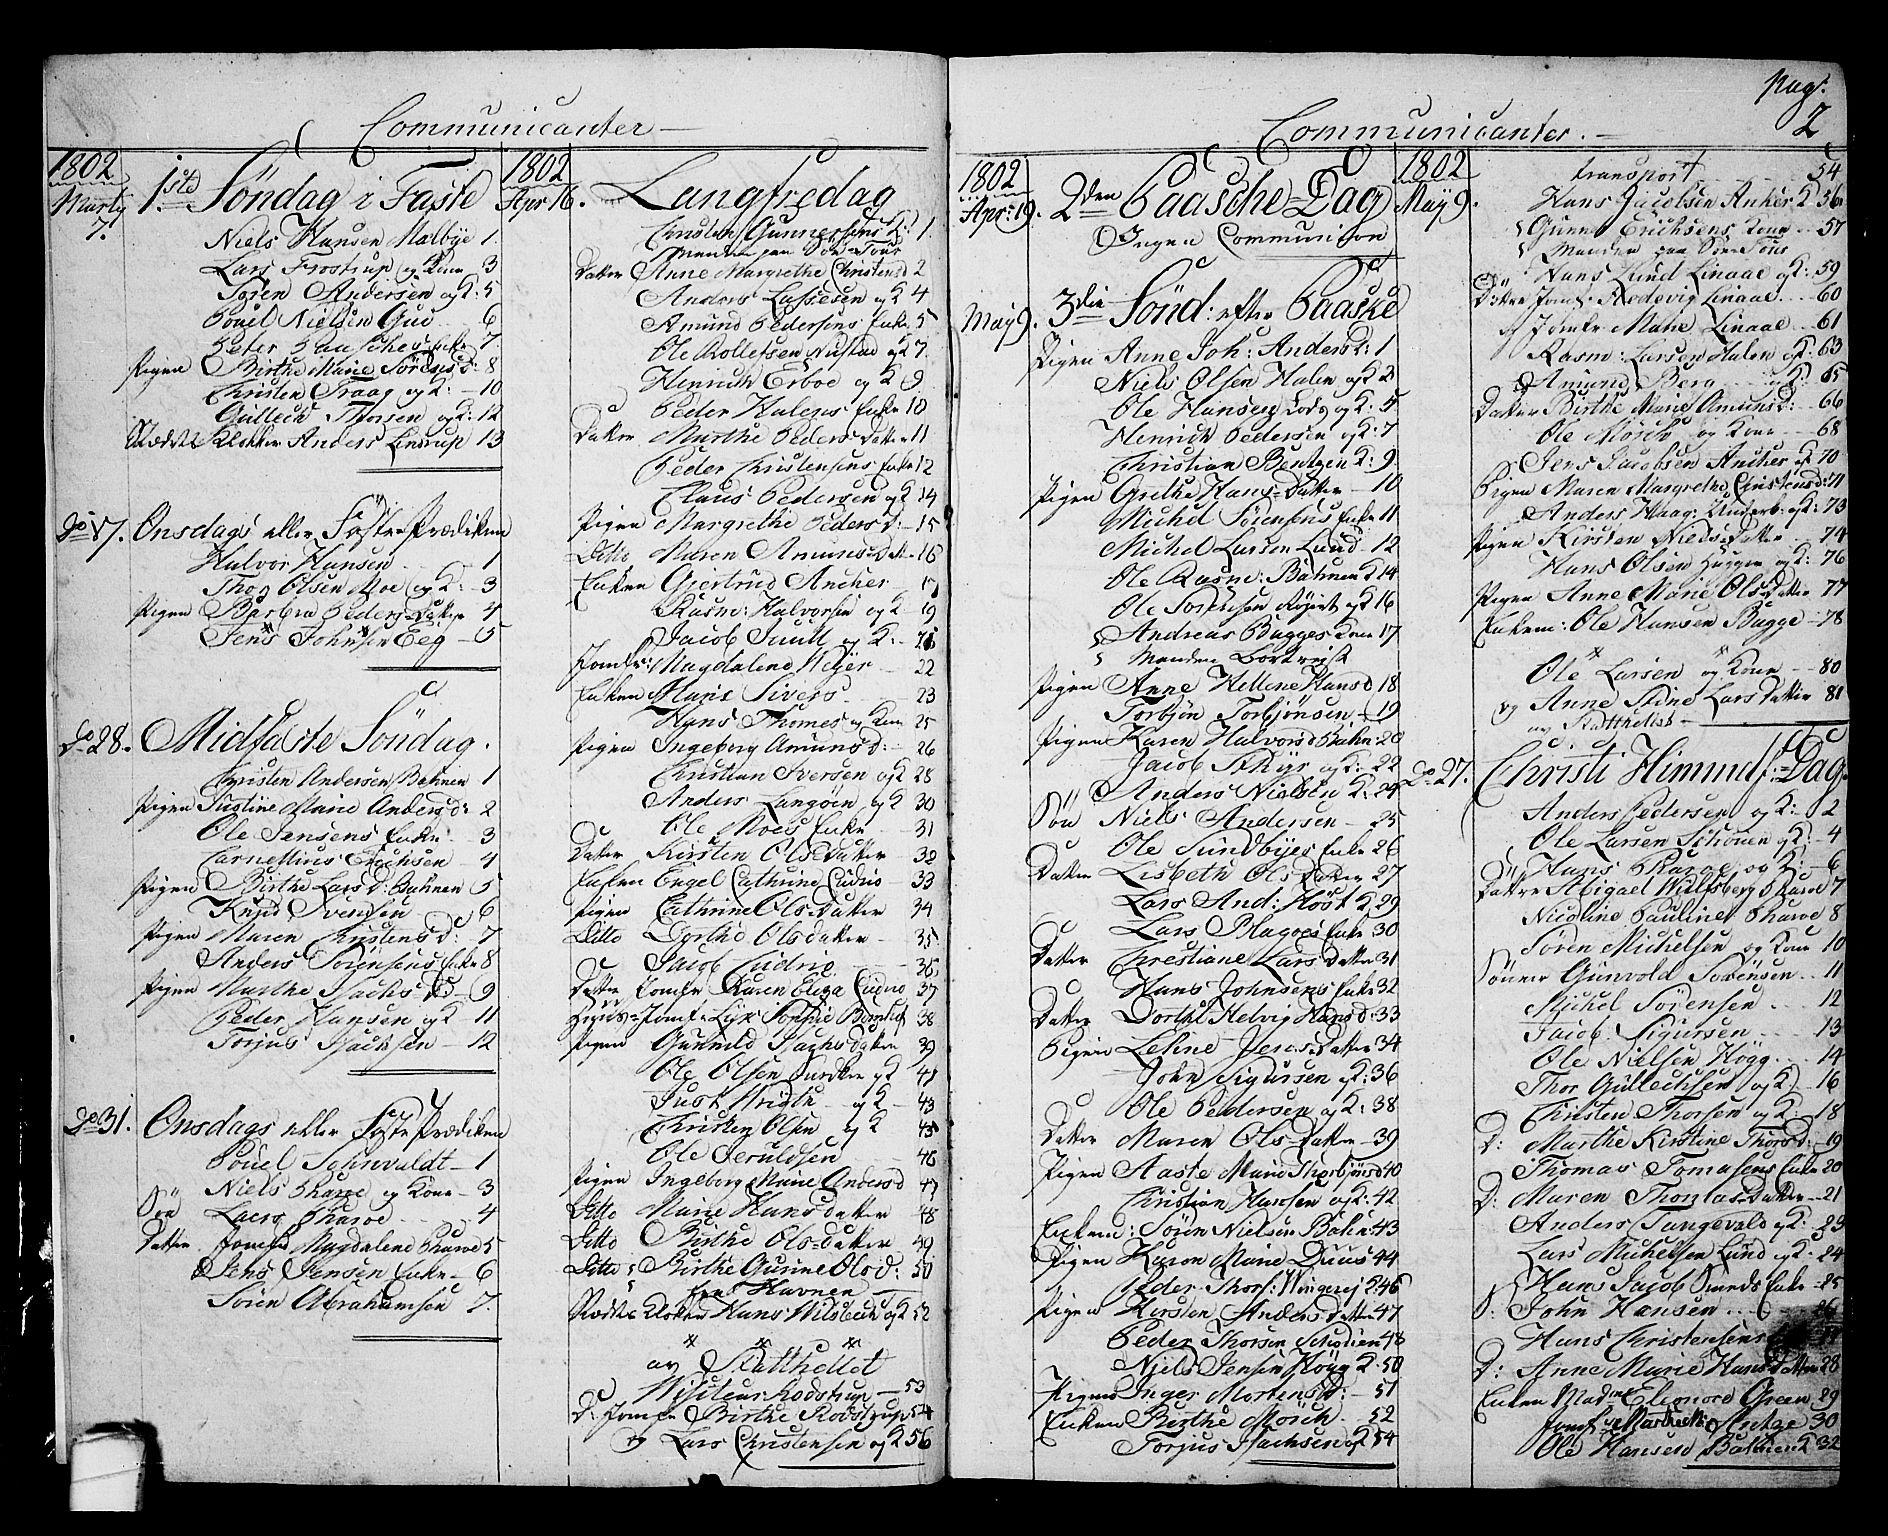 SAKO, Langesund kirkebøker, G/Ga/L0002: Klokkerbok nr. 2, 1801-1815, s. 2